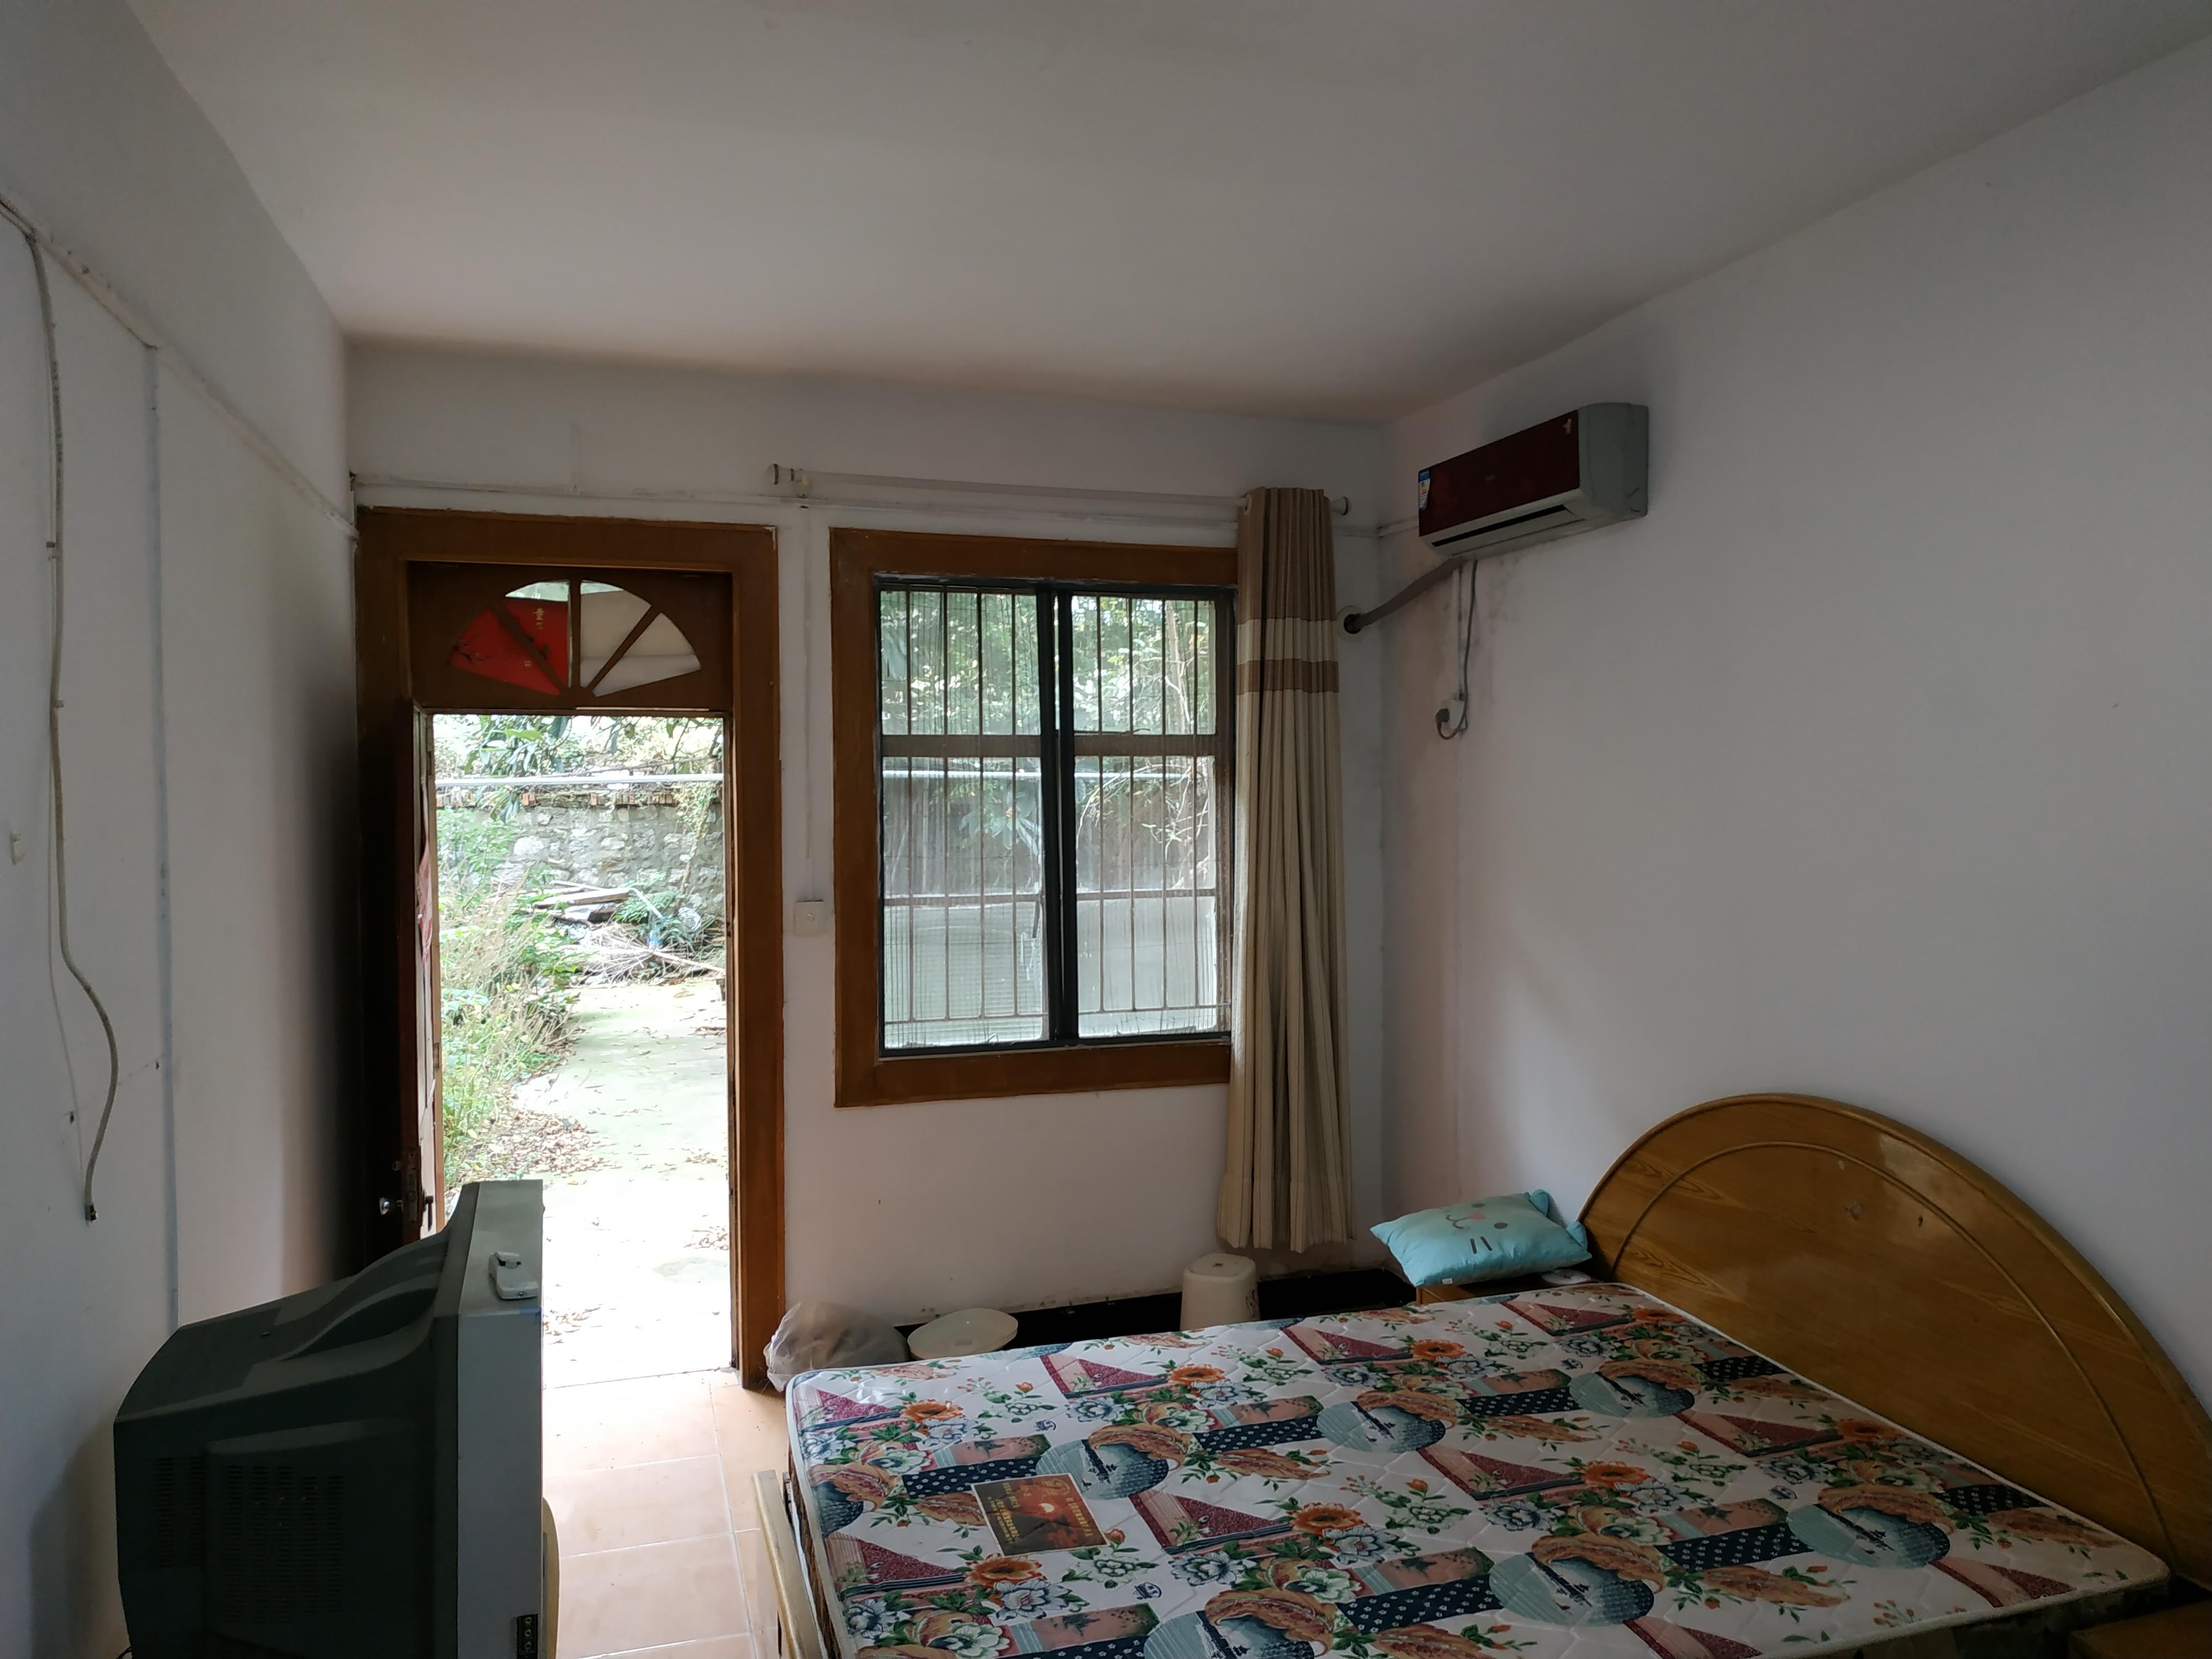 703台家属楼一楼带院子学区房出售_4